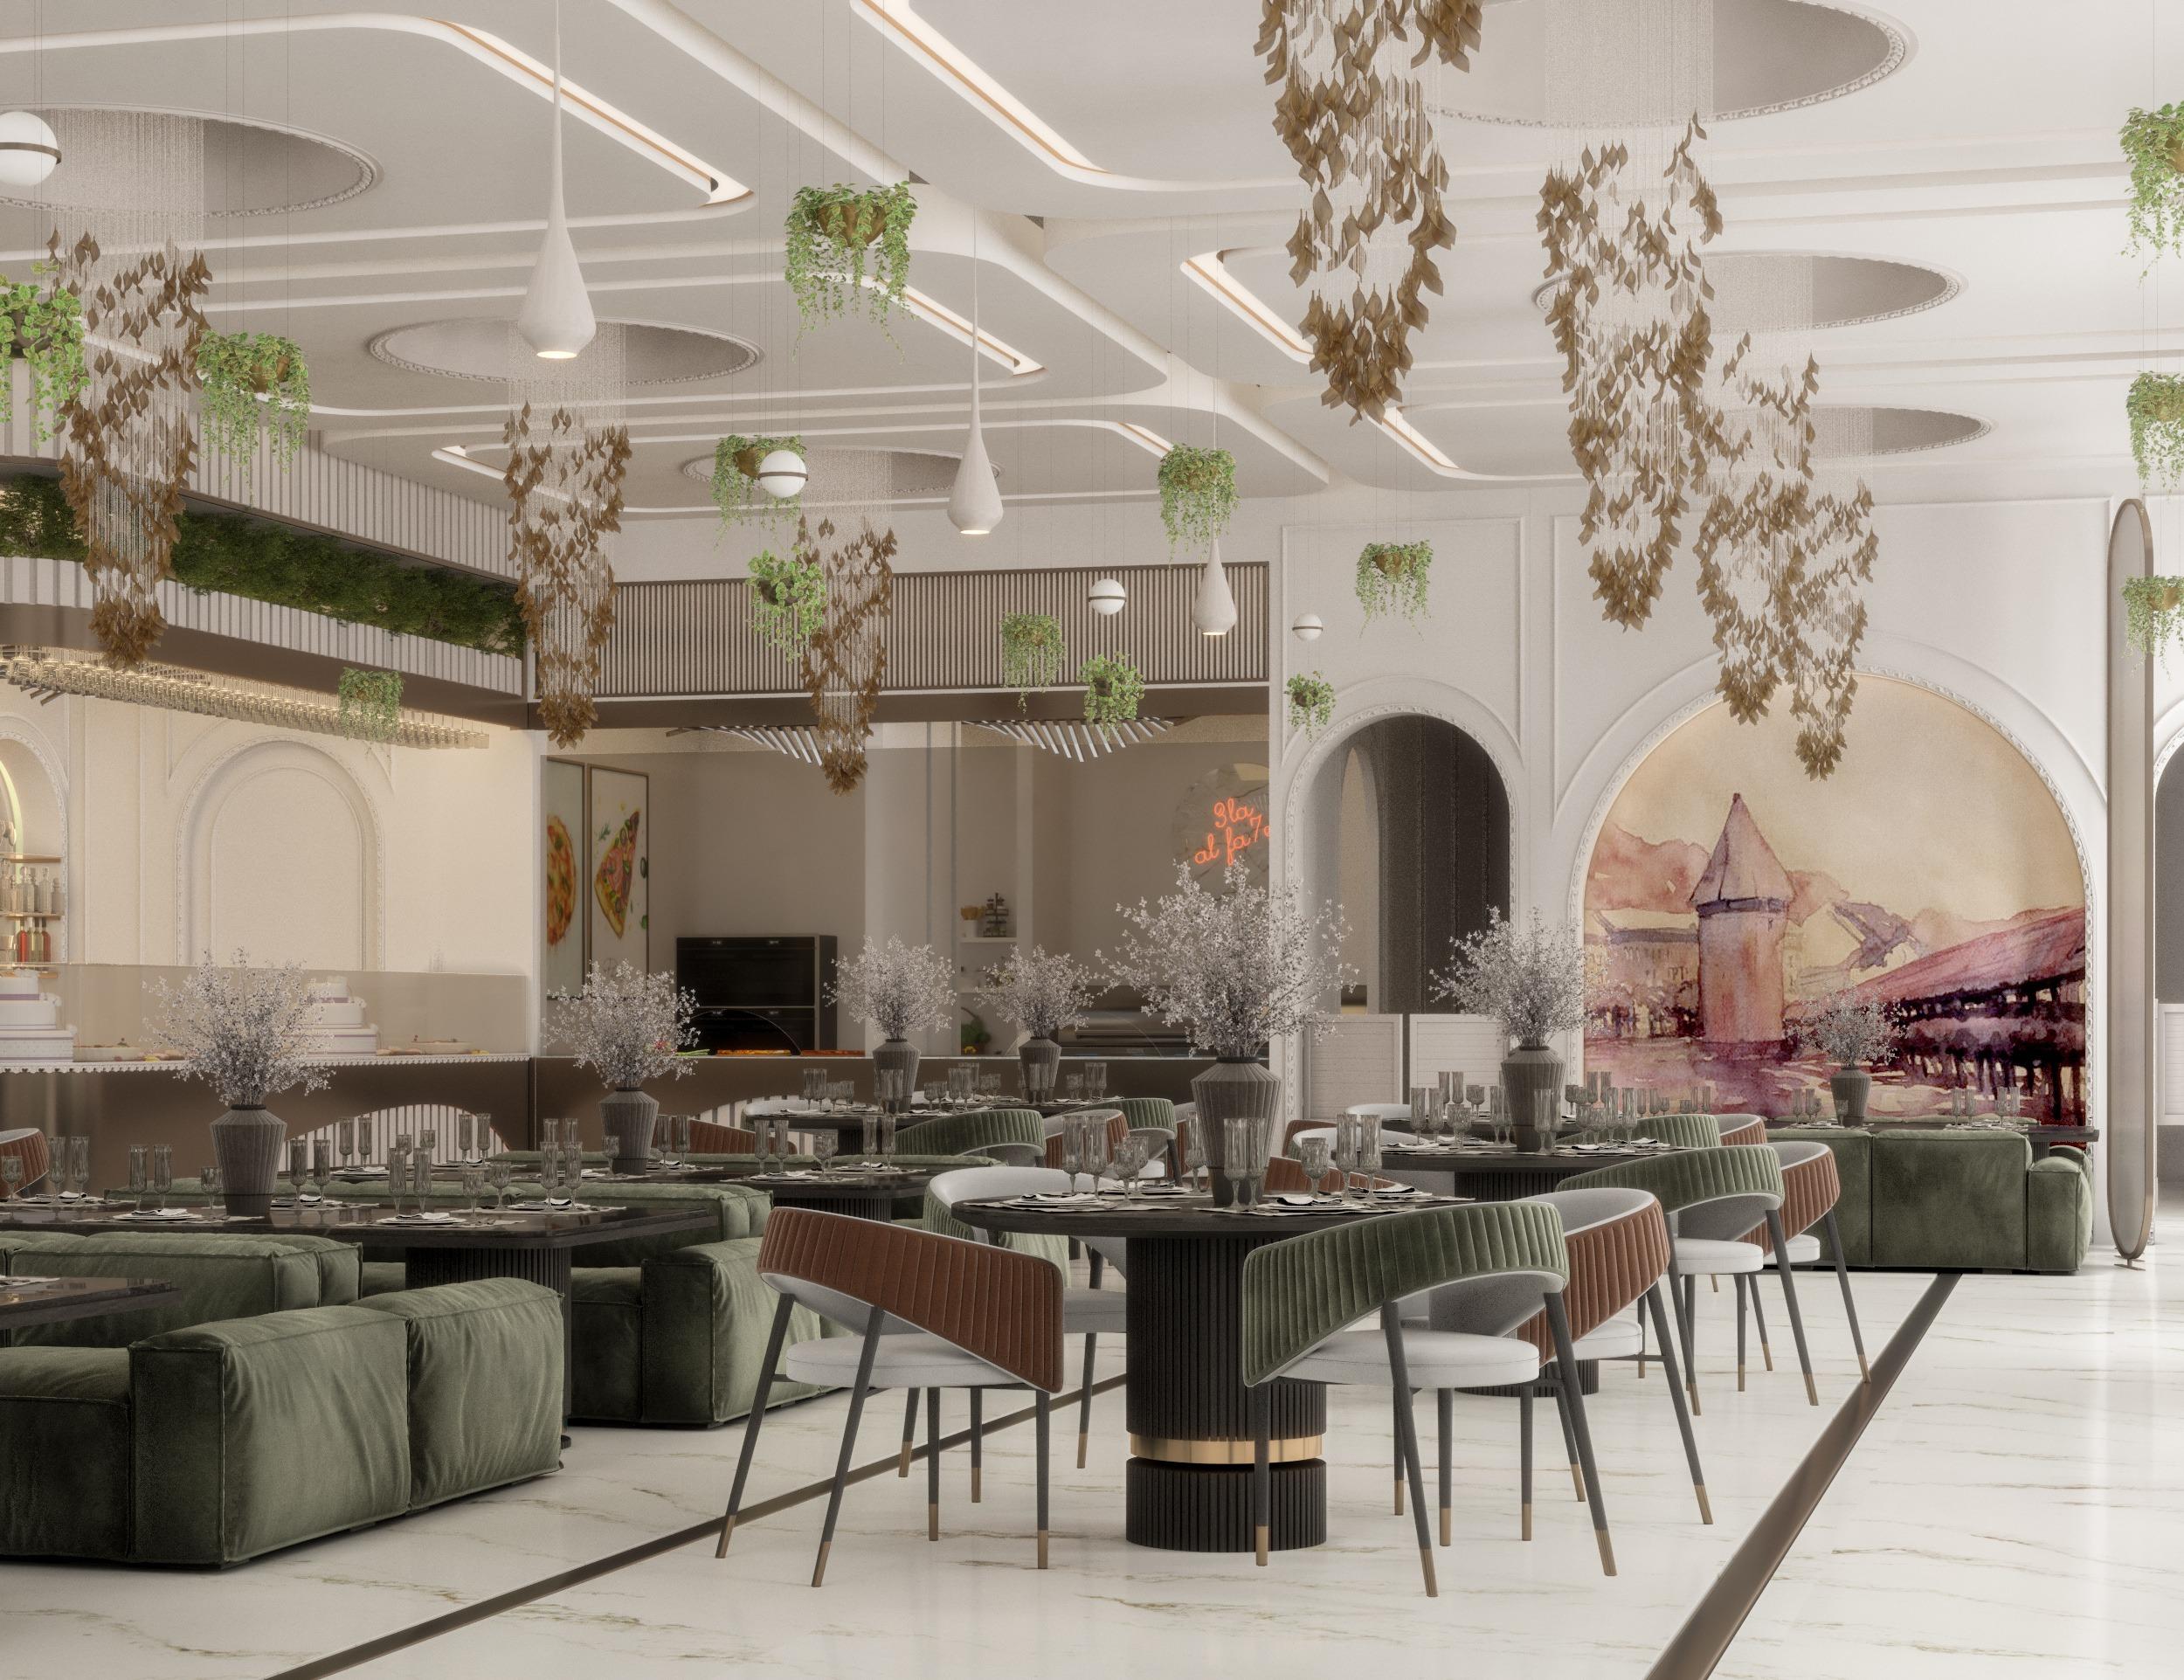 comprehensive render for lucerne restaurant in UAE